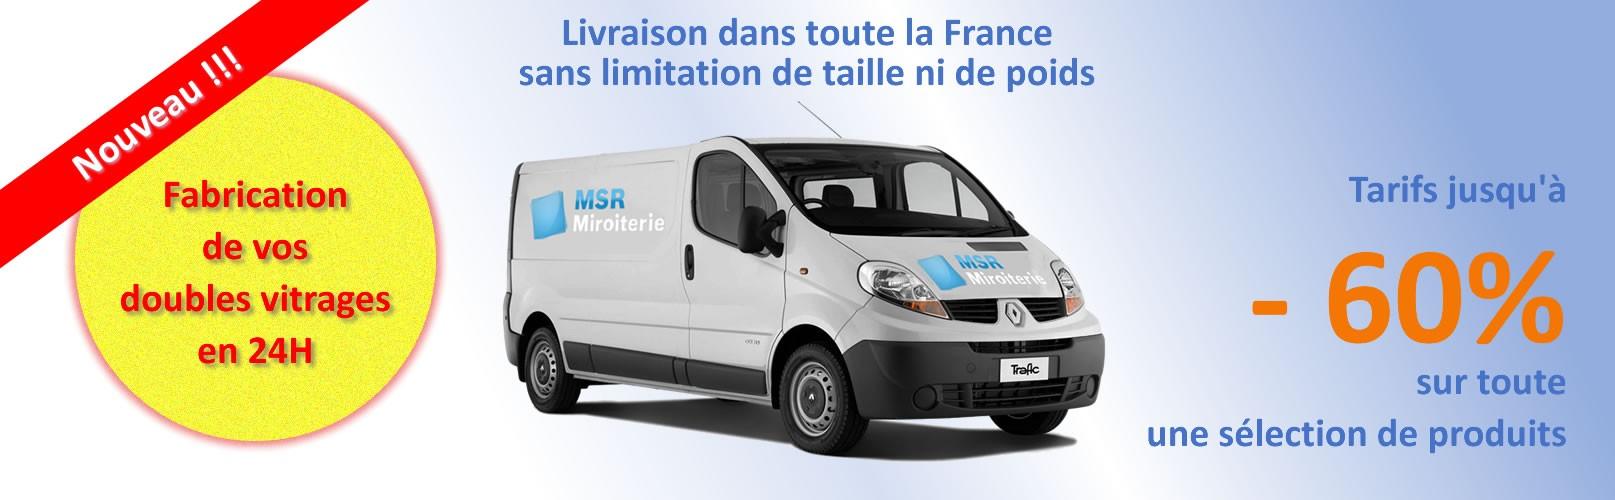 Fabrication doubles vitrages en 24h, livraison dans toute la France et jusqu'à 60% de réduction